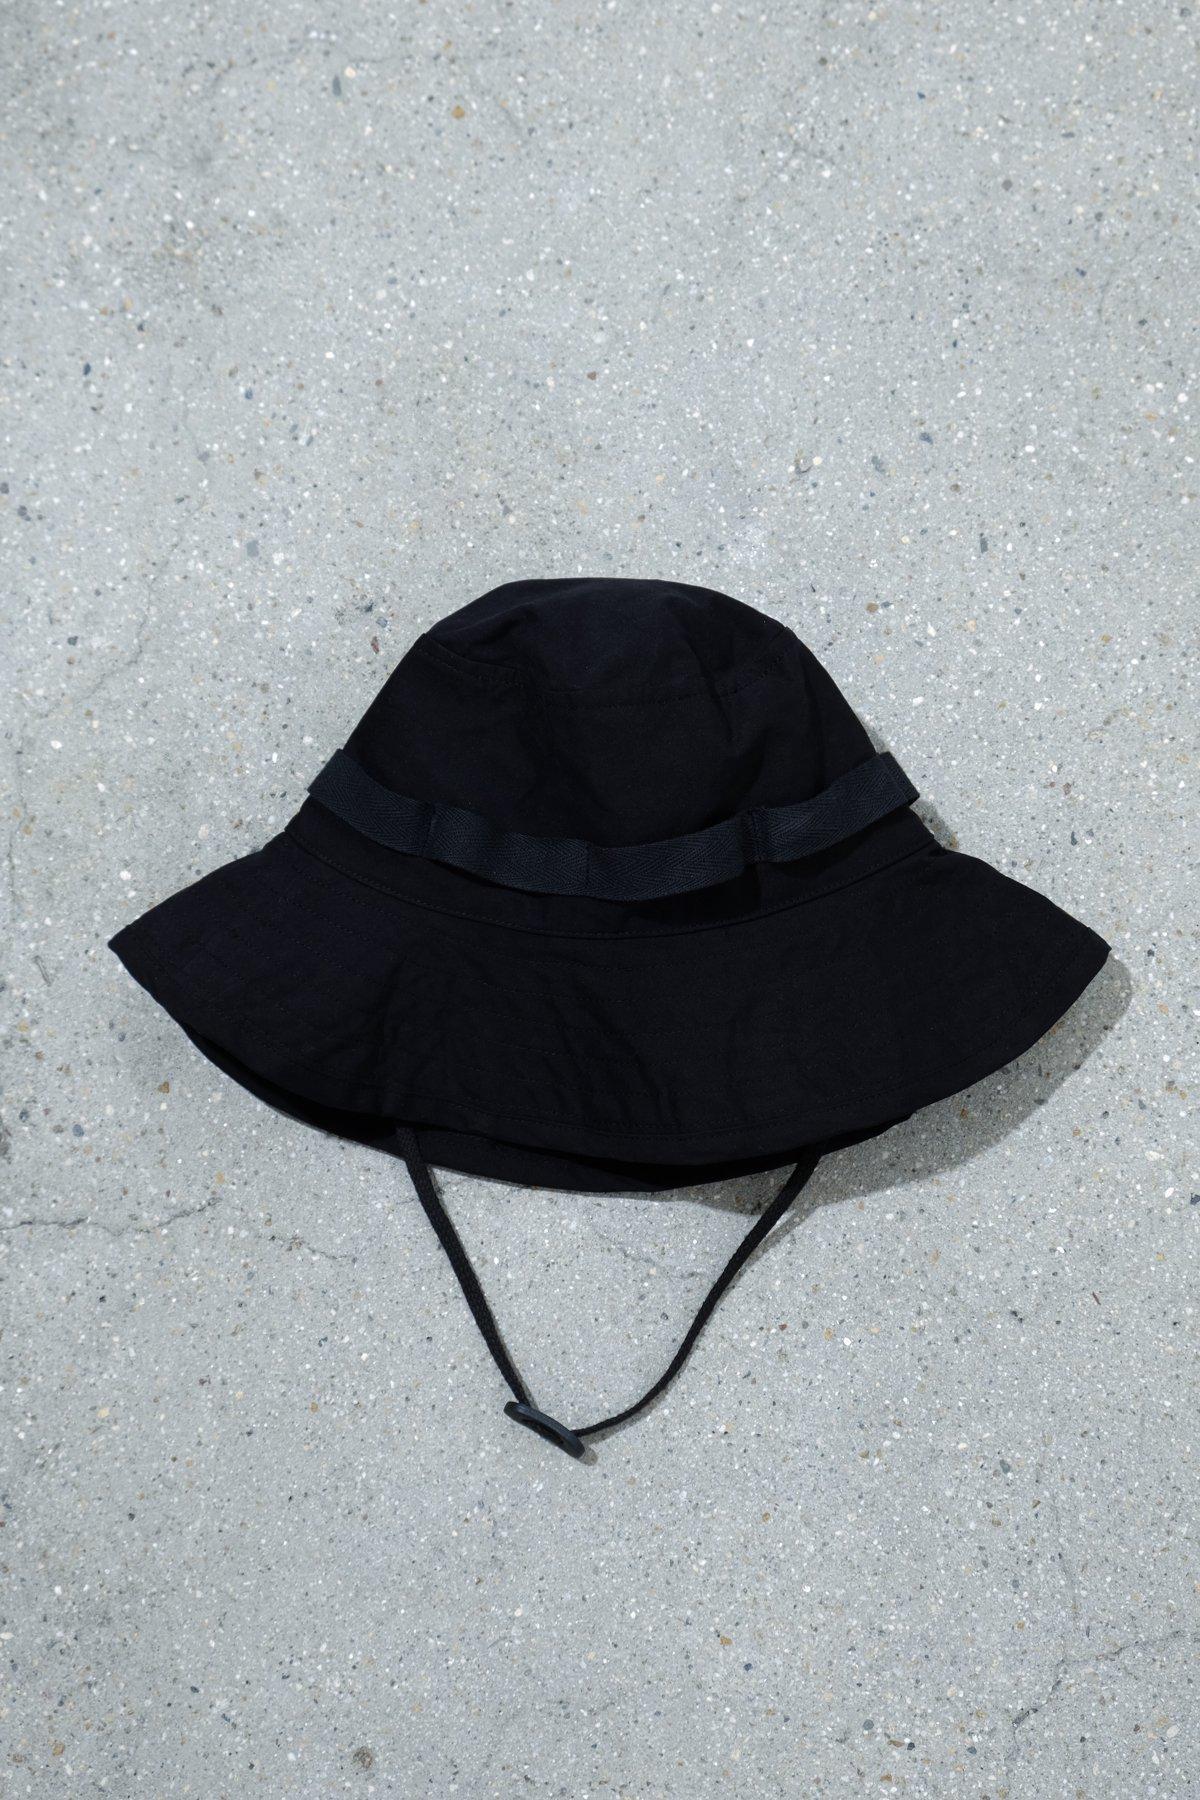 s.k. manor hill / Boonie Bucket Hat